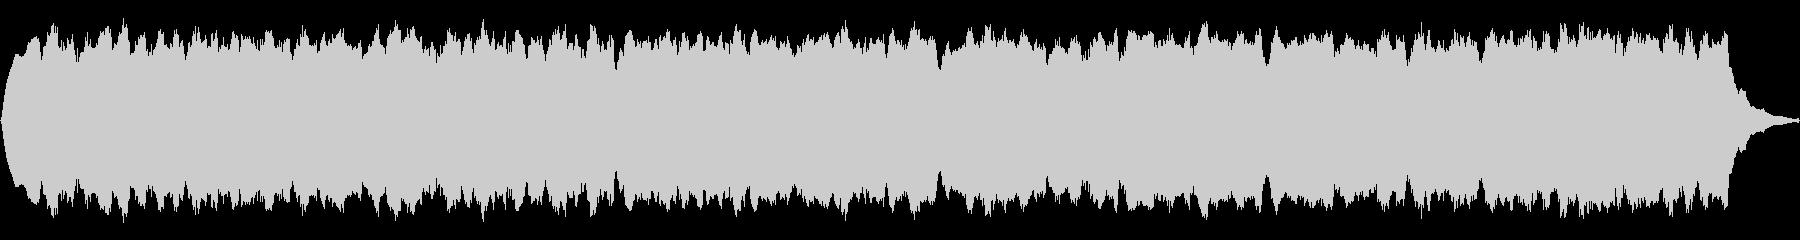 ピーポーピーポー(救急車のサイレン)の未再生の波形